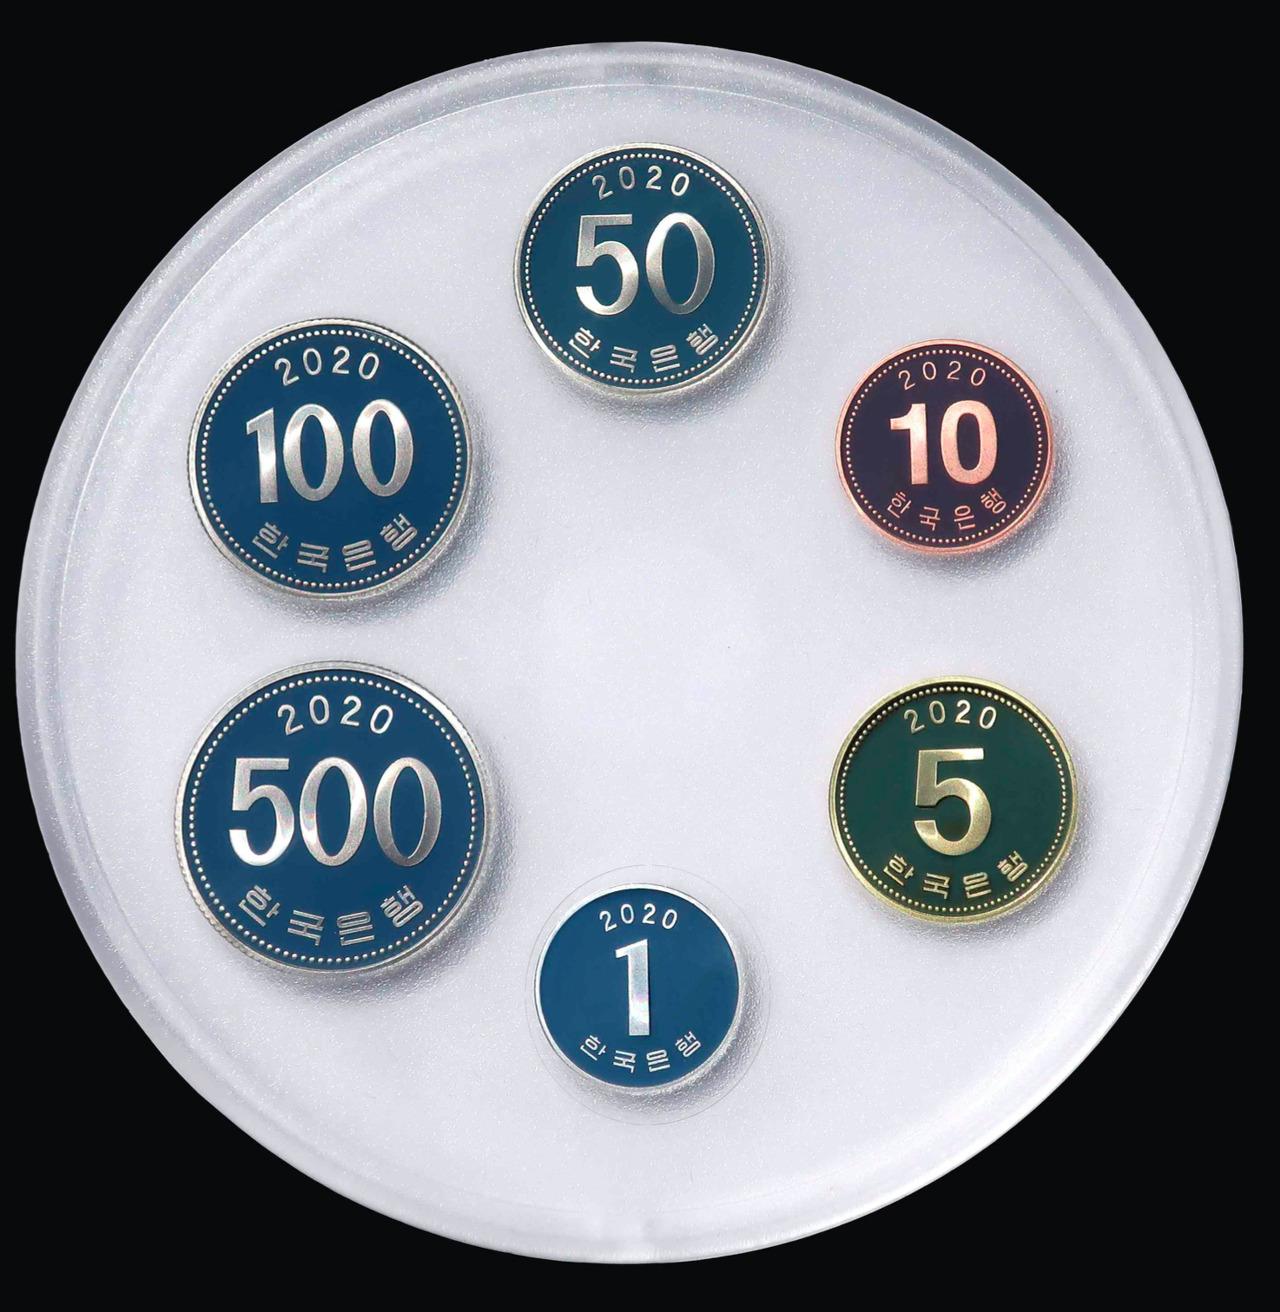 한국은행 70주년 기념 주화 판매처 가격 판매기간